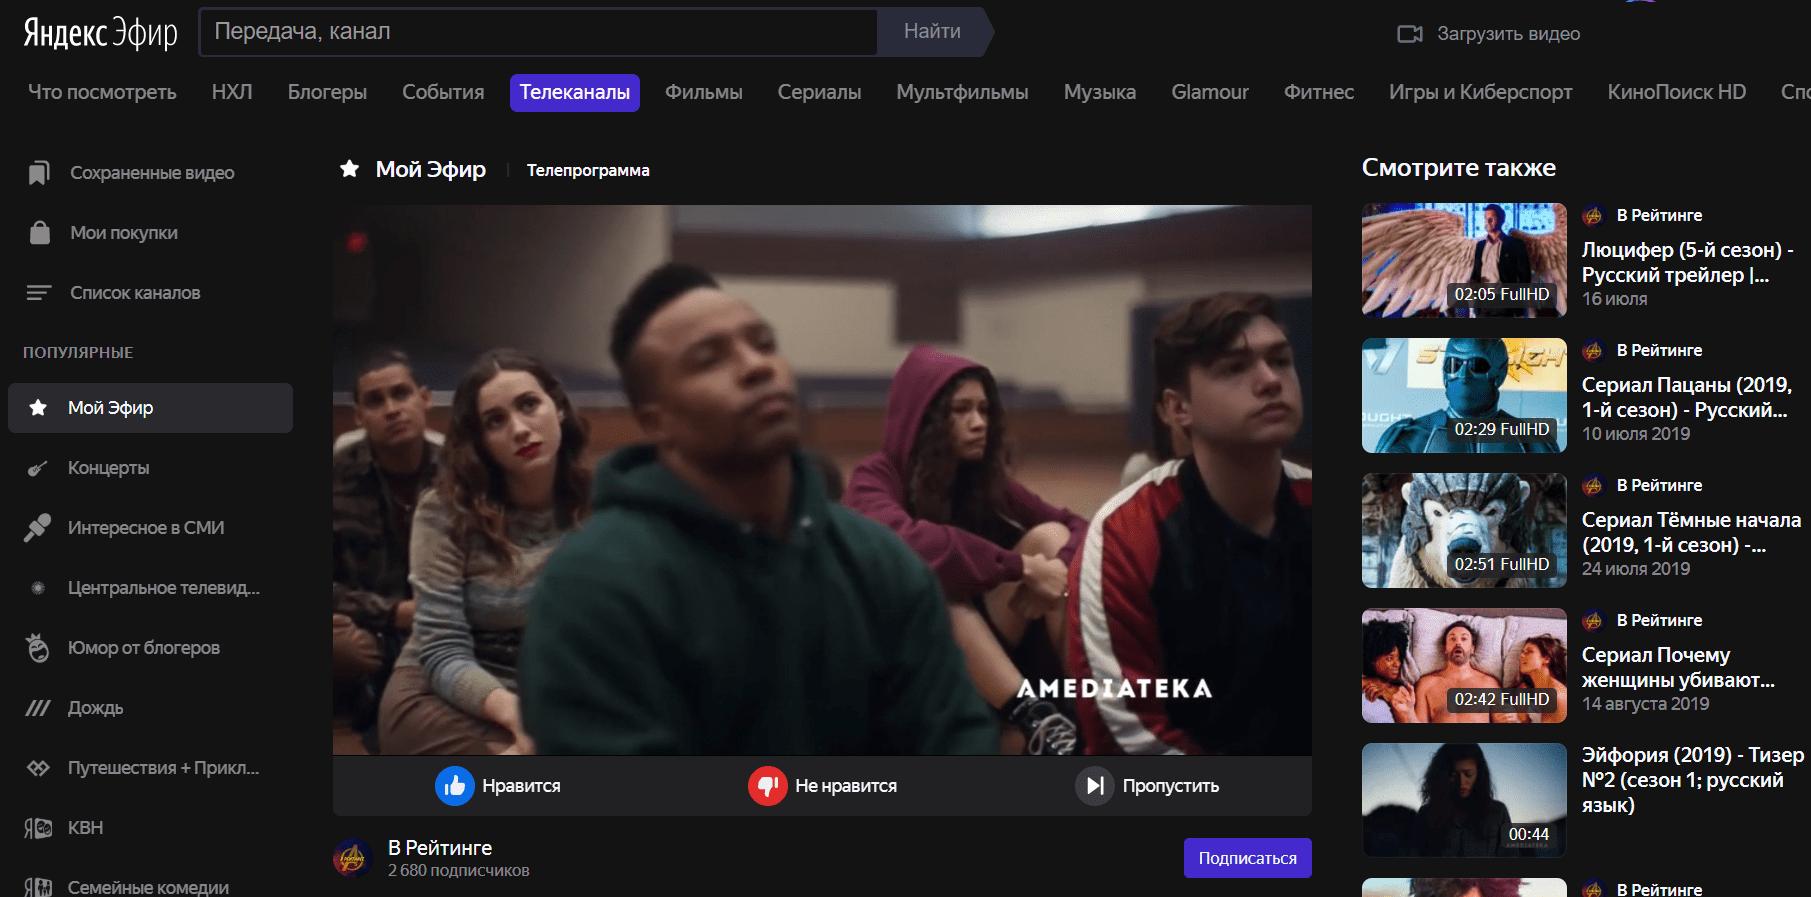 Главный экран Яндекс Эфира